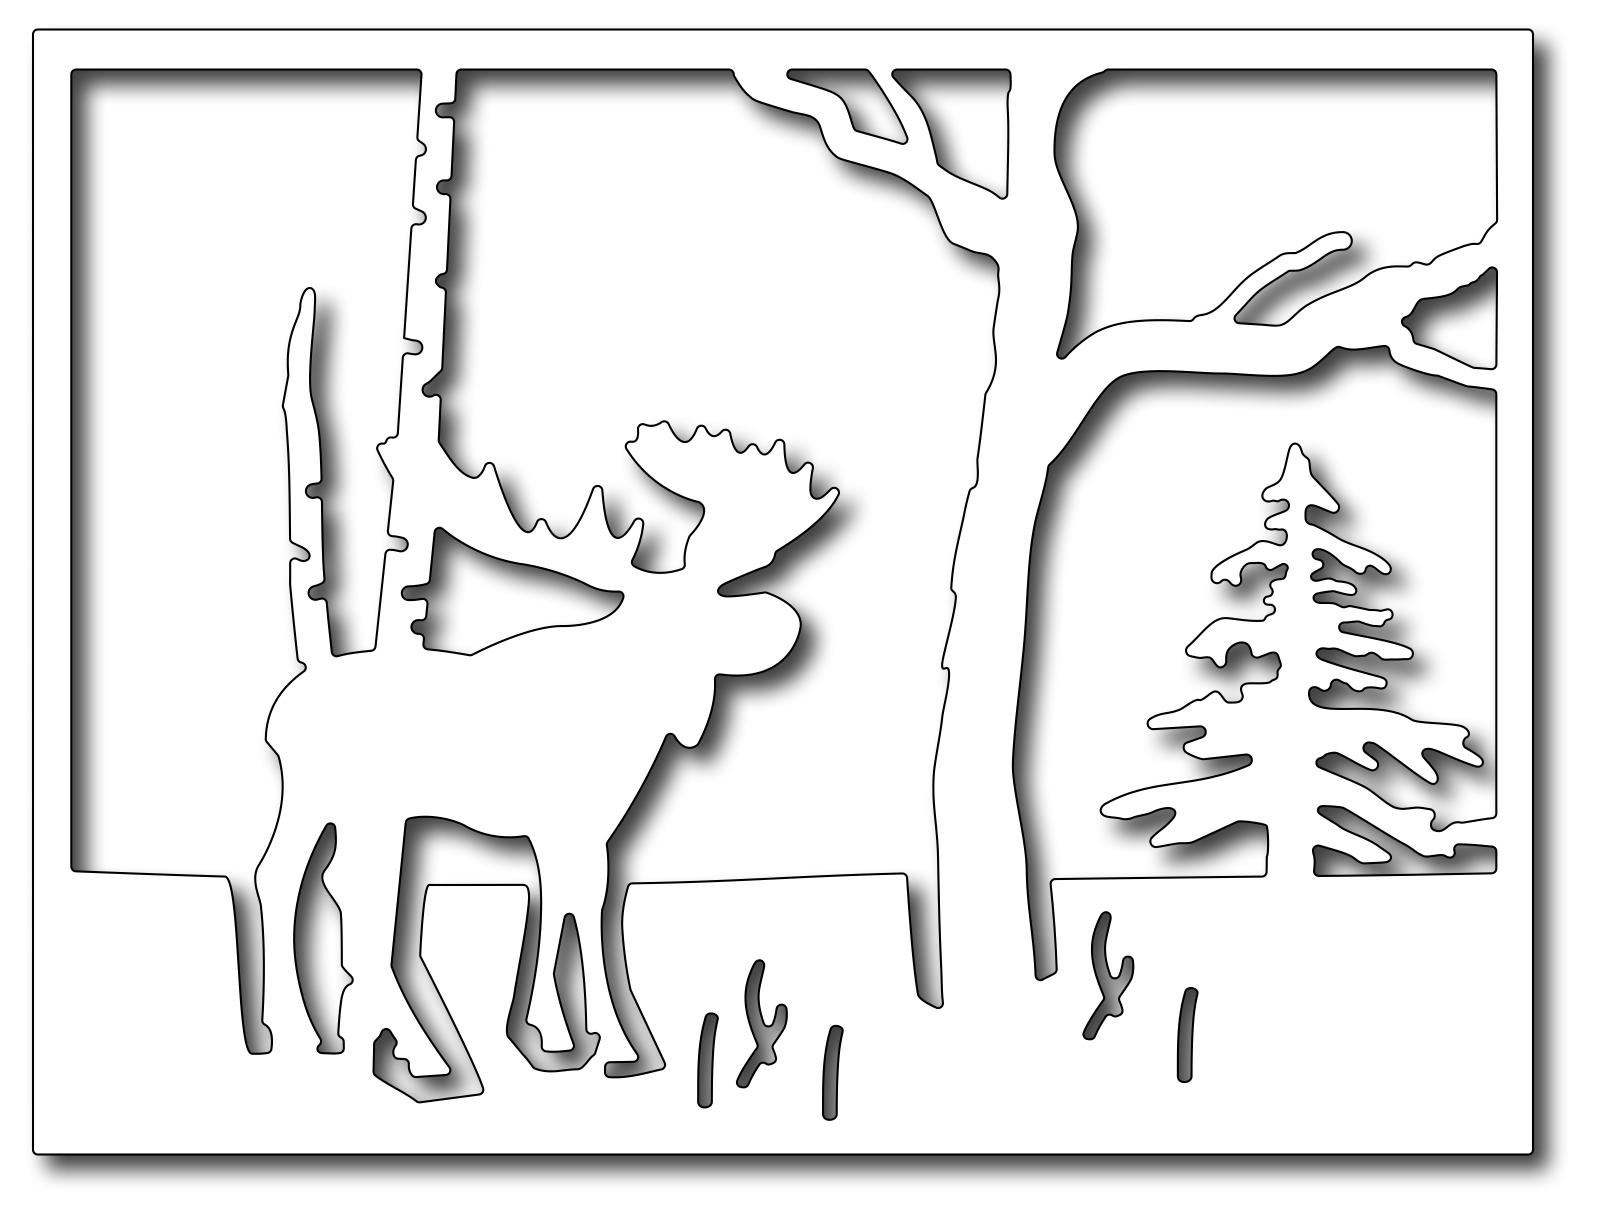 открытки туннели шаблоны зима считать, что